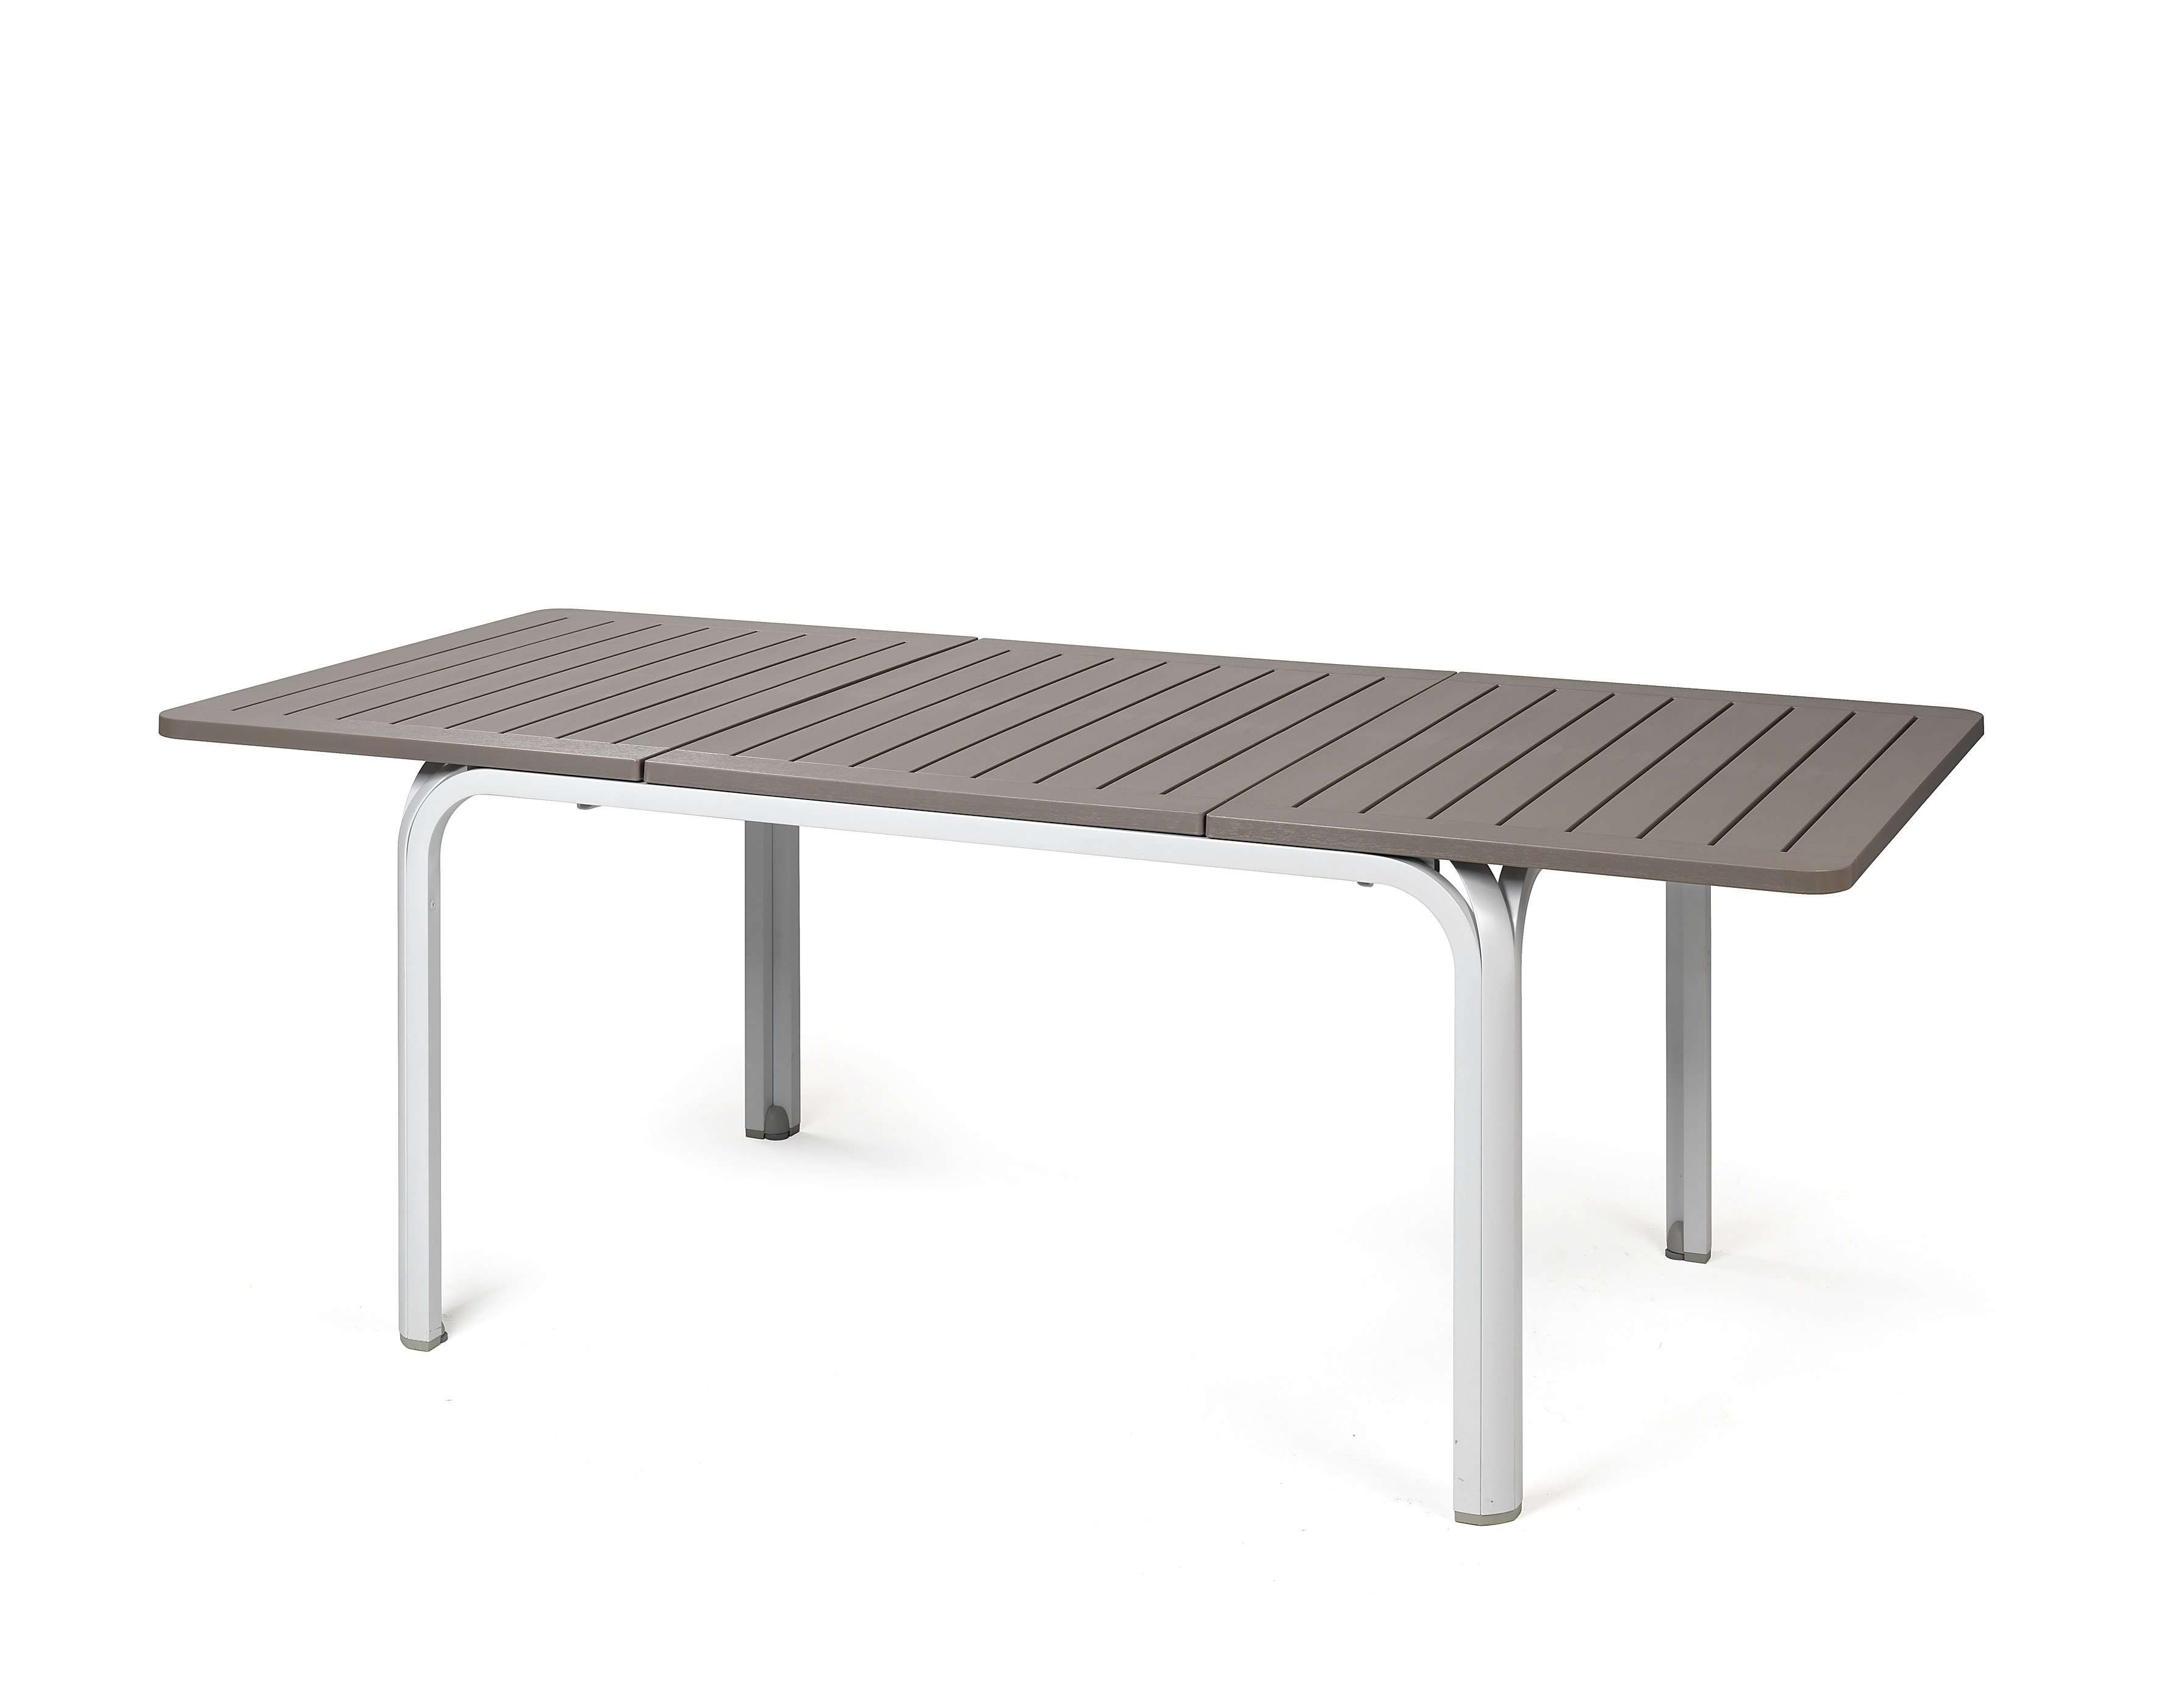 Stół na taras rozkładany alloro nardi biały tortora